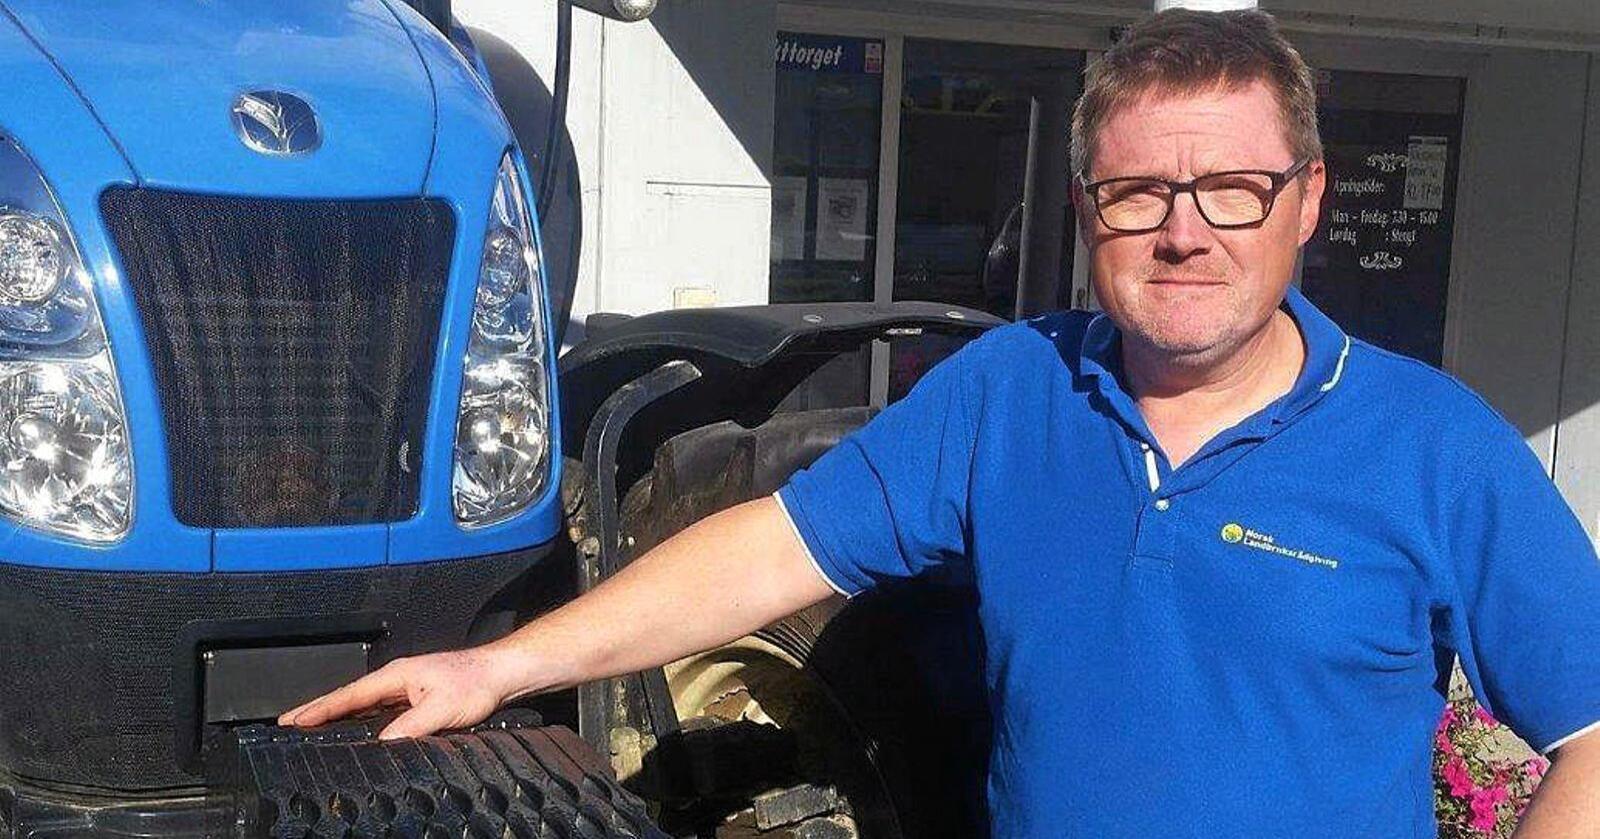 Halle Arnes, fagkoordinator HMS i Norsk Landbruksrådgiving, er klar på at det er avgjørende å bruke belte i traktor. Foto: Norsk landbruksrådgiving